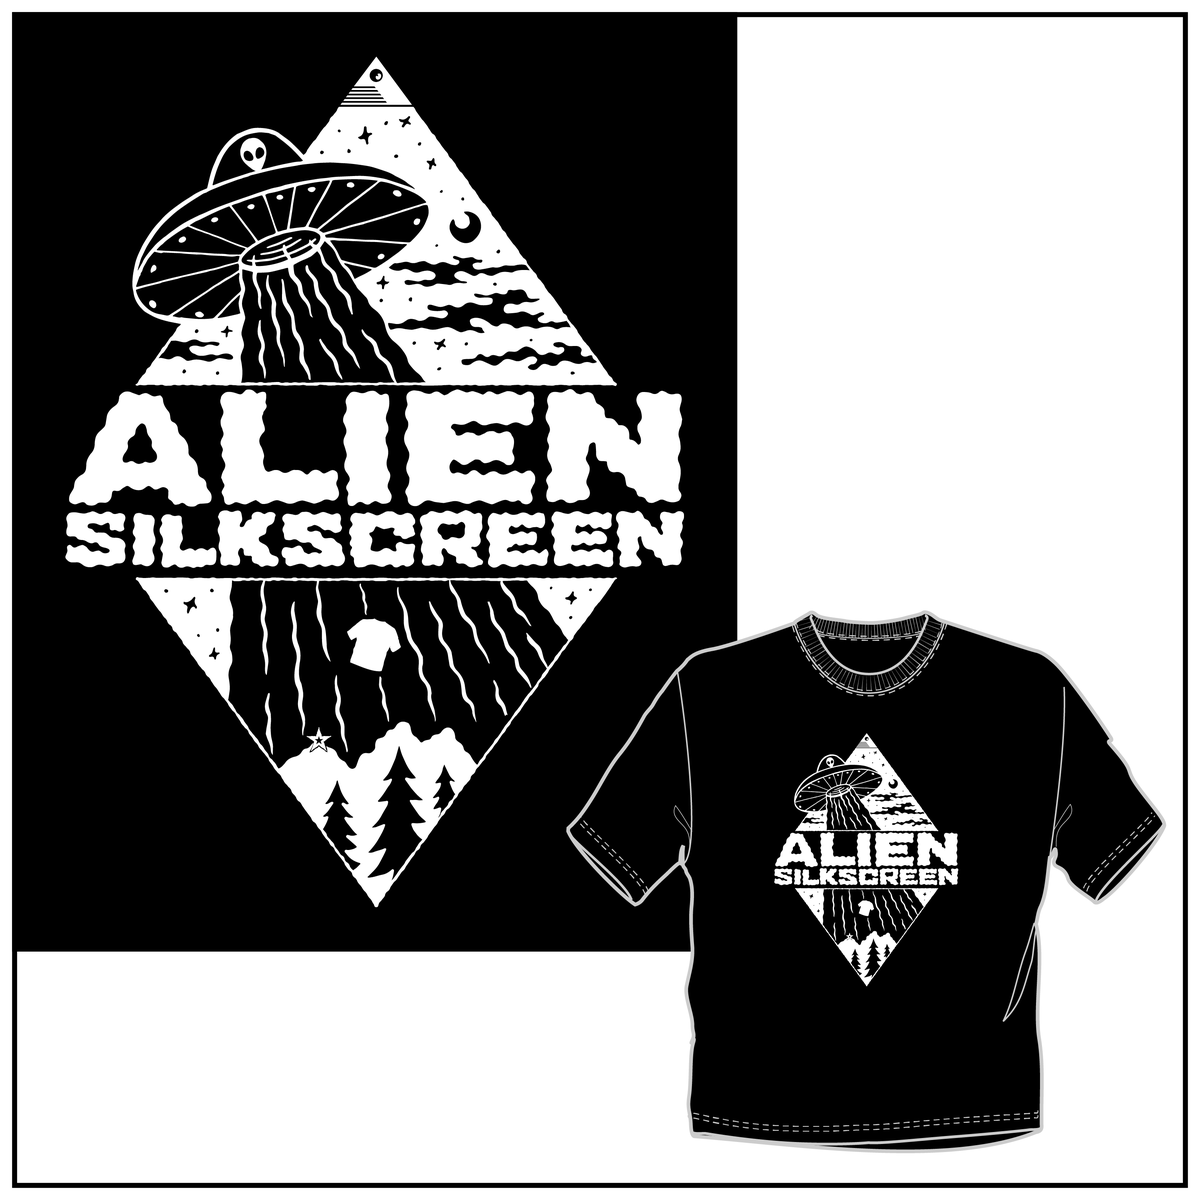 Alien Silkscreen Transport (preorder)